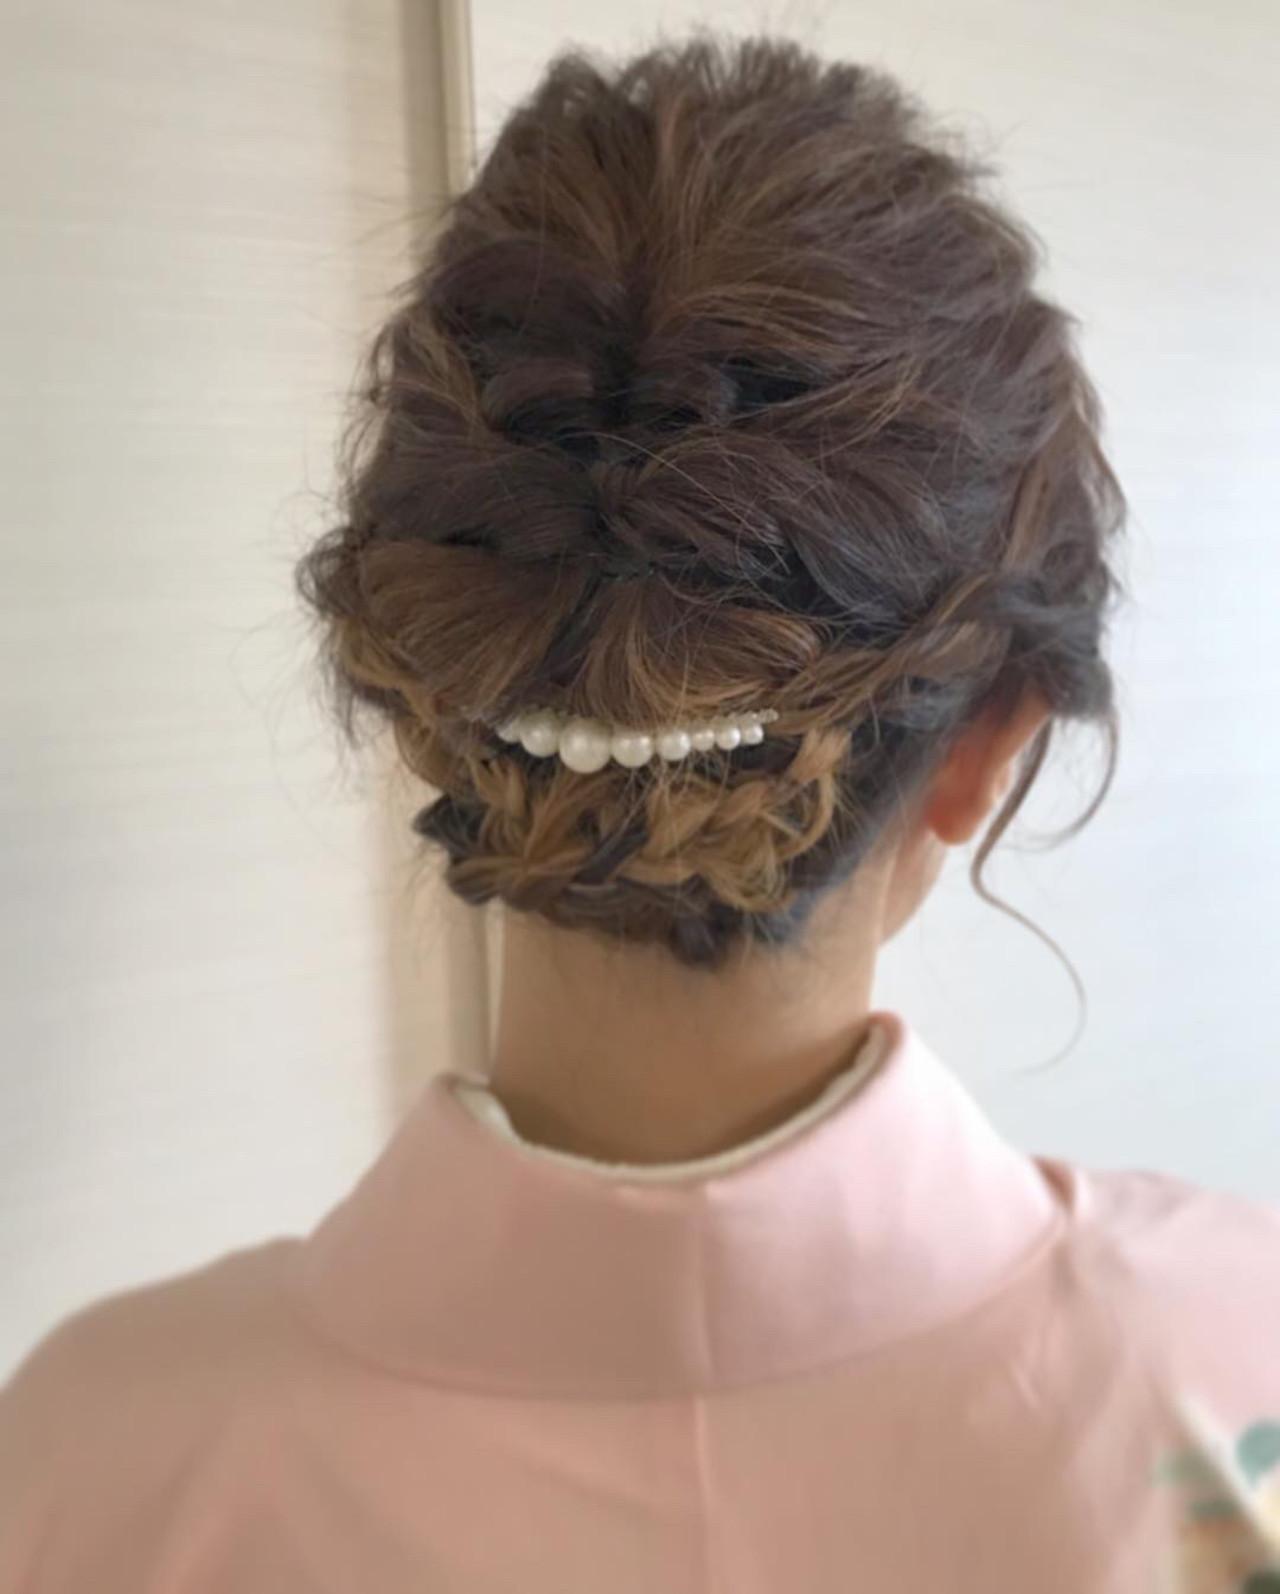 編み込み×ヘアアクセで魅せる訪問着似合わせヘア Nakamura Mari